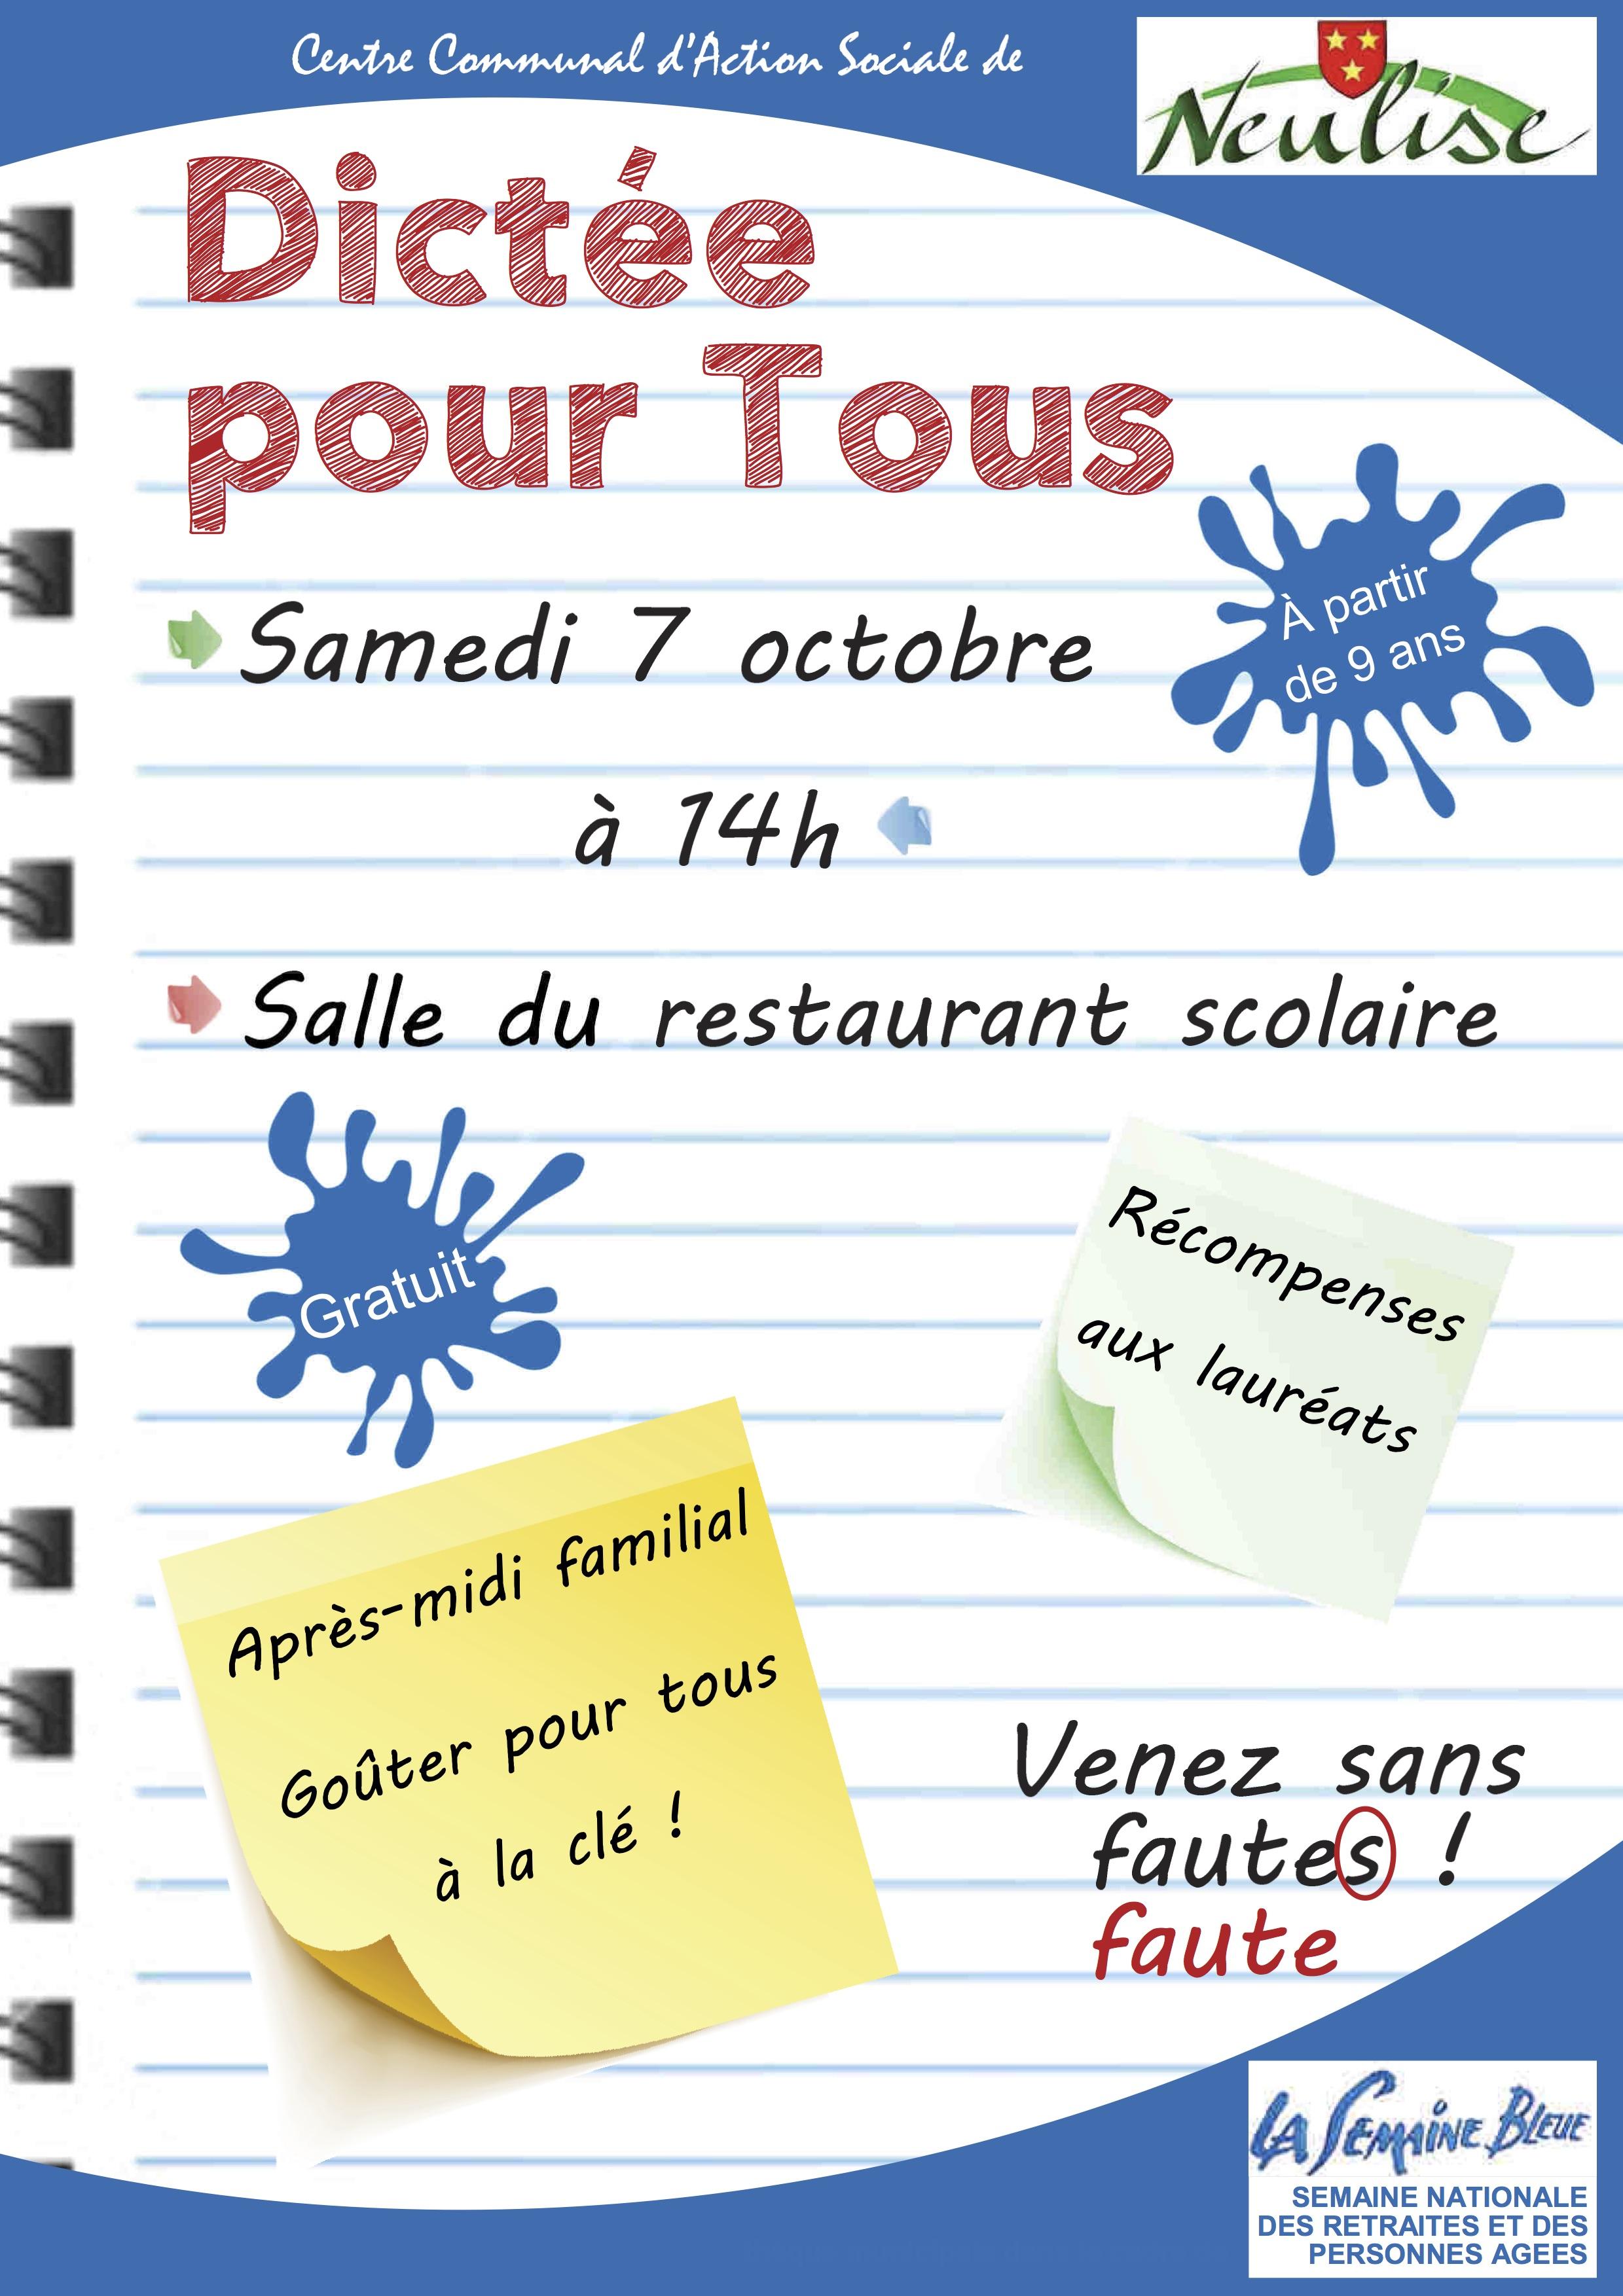 Dictée pour tous à Neulise le 7 octobre